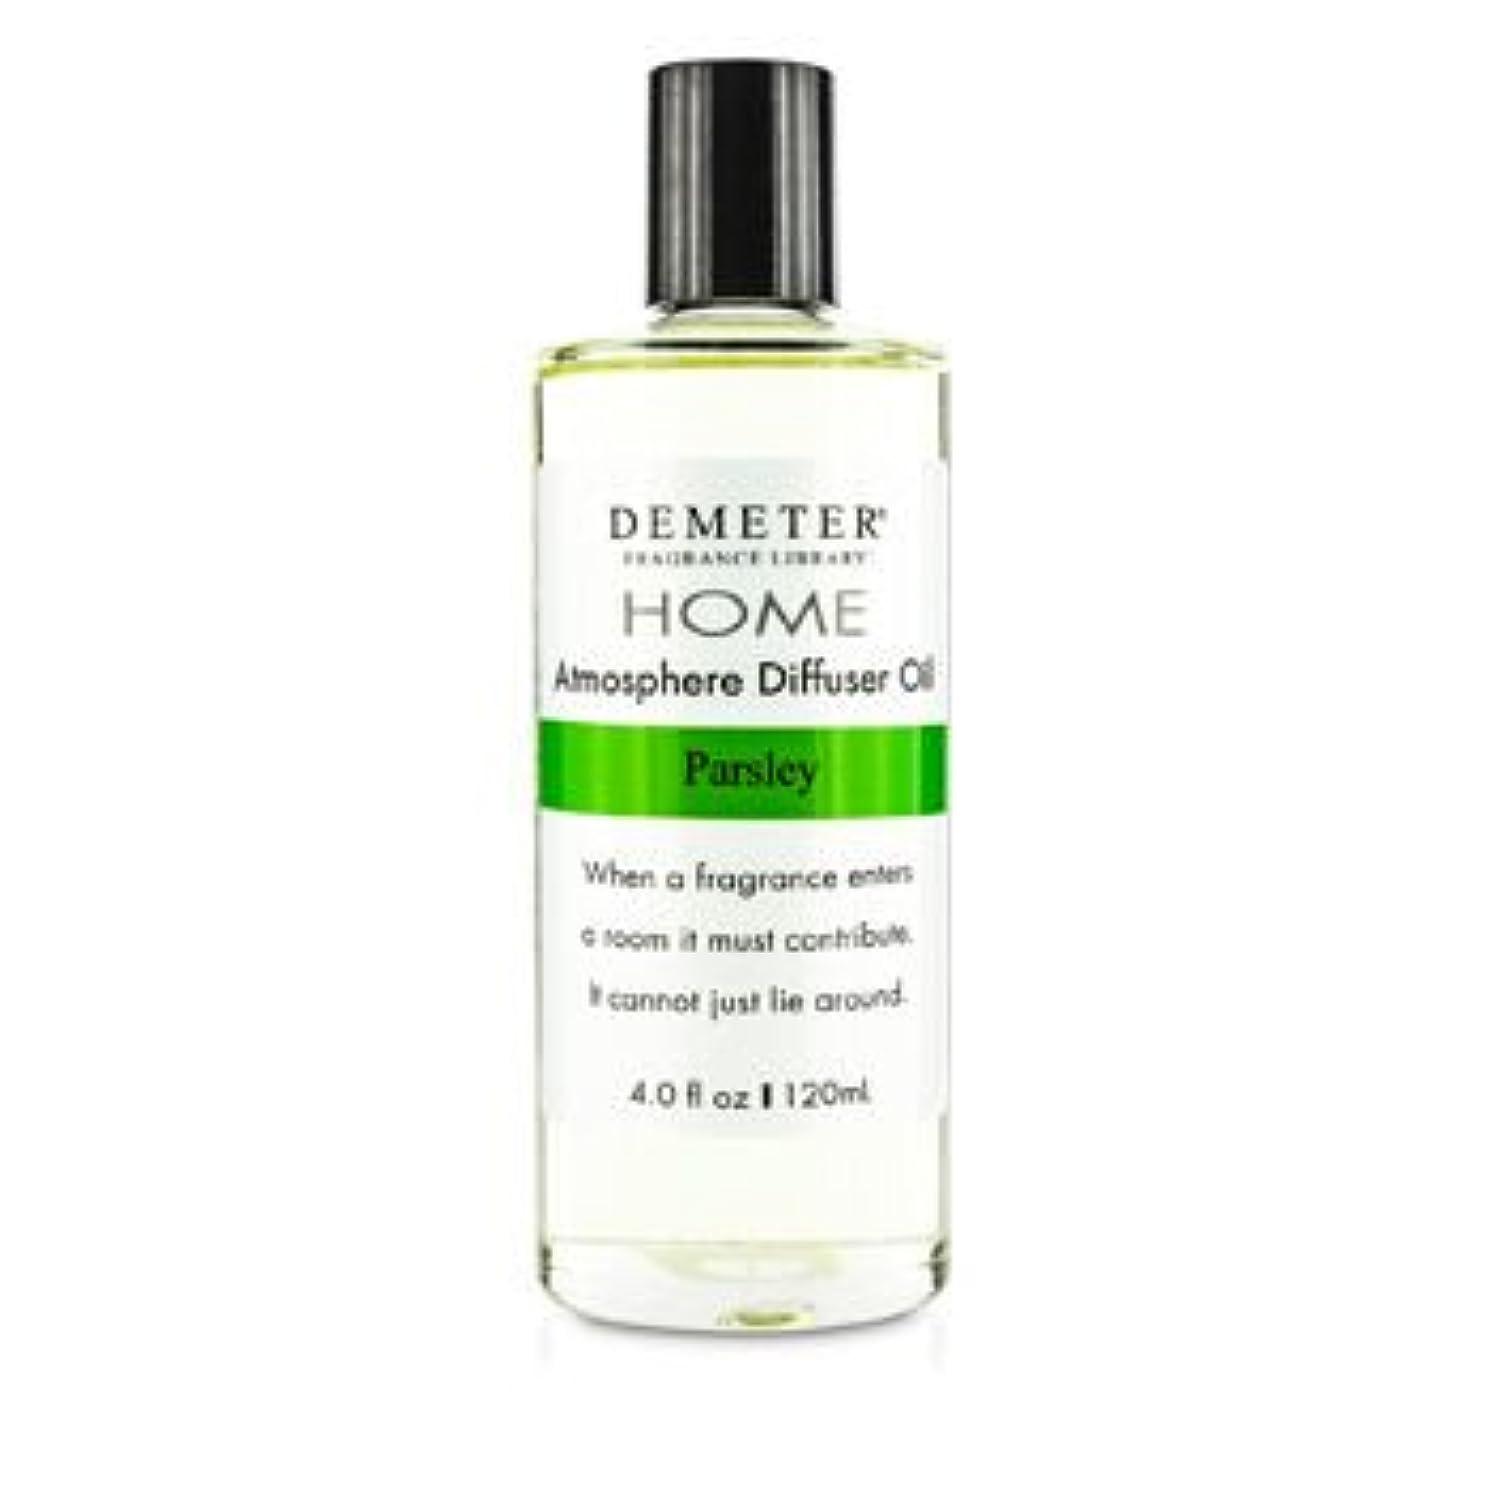 便利さ専門化する分解する[Demeter] Atmosphere Diffuser Oil - Parsley 120ml/4oz